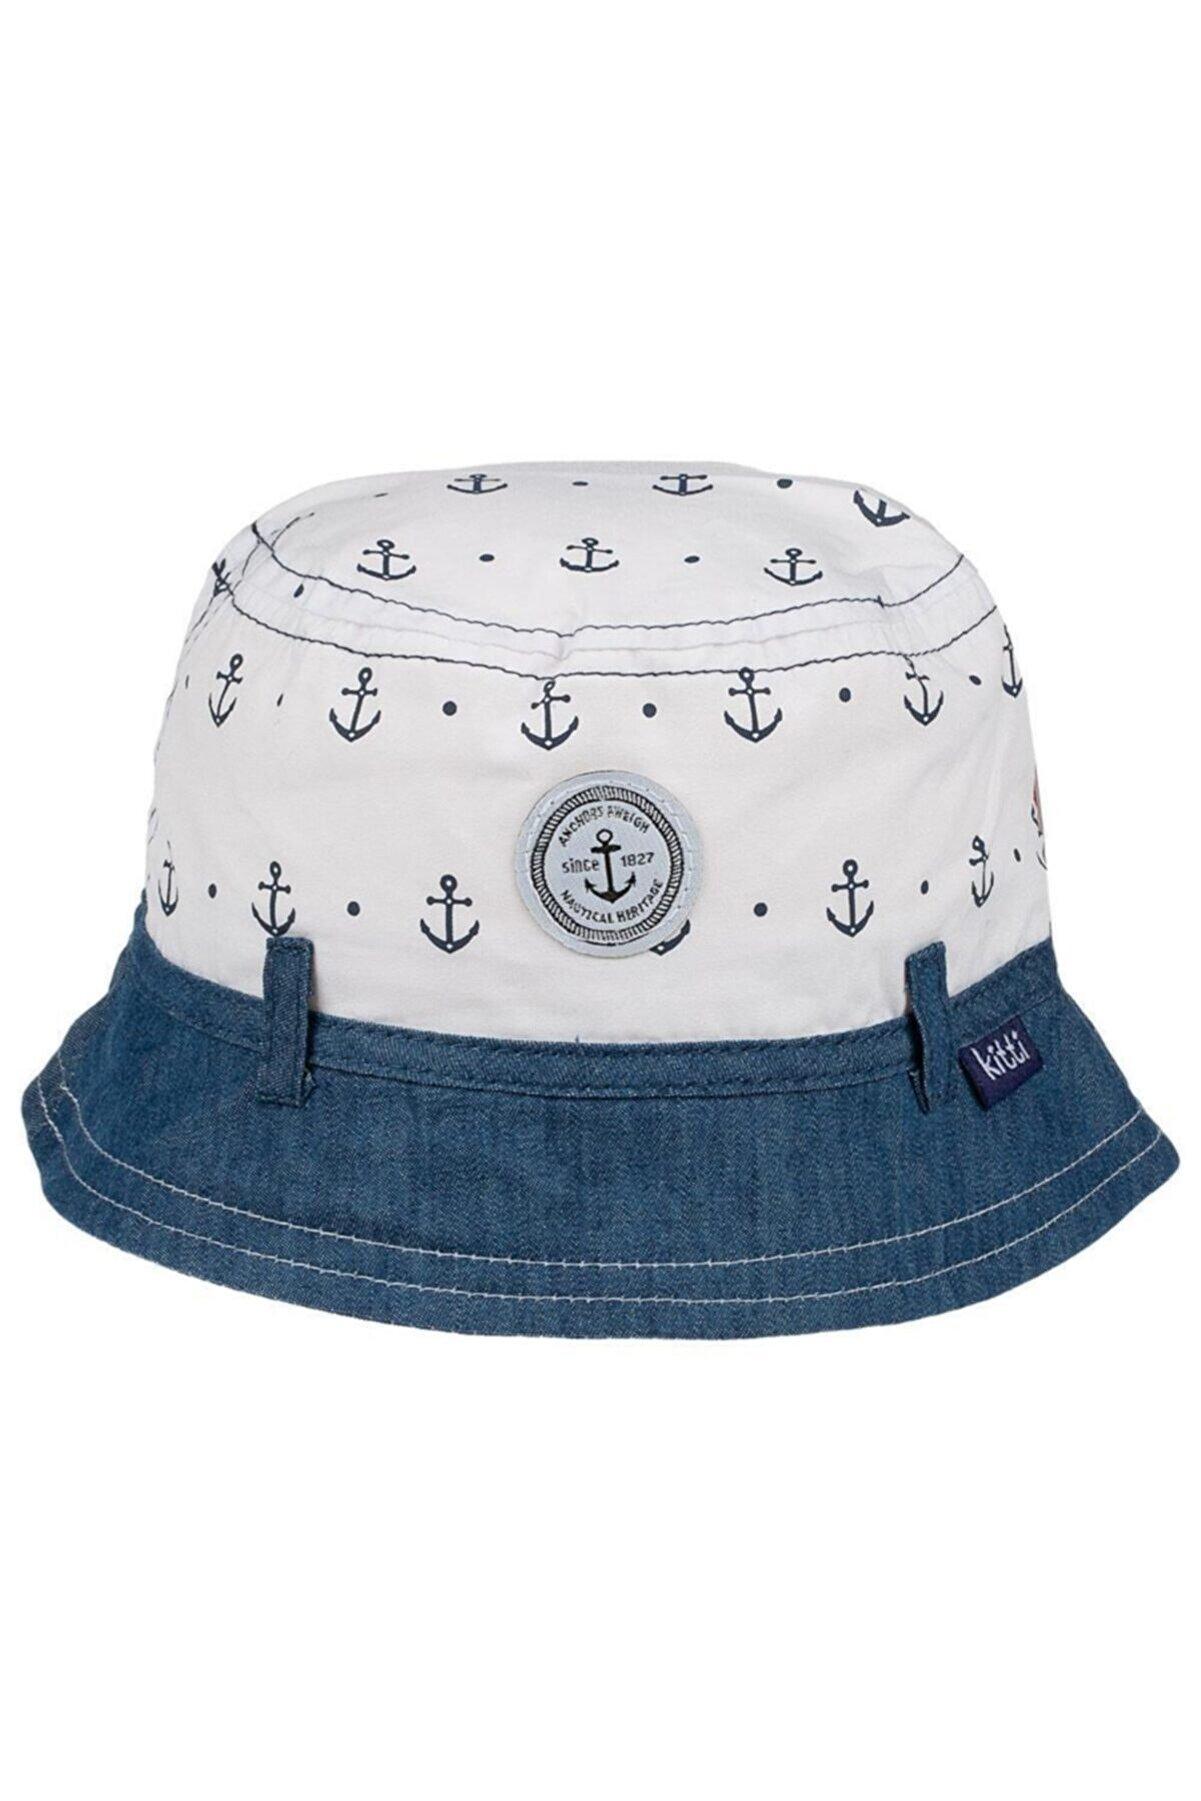 POKY BEBE Erkek Çocuk Şapka Fötr 1-4 Yaş Navy